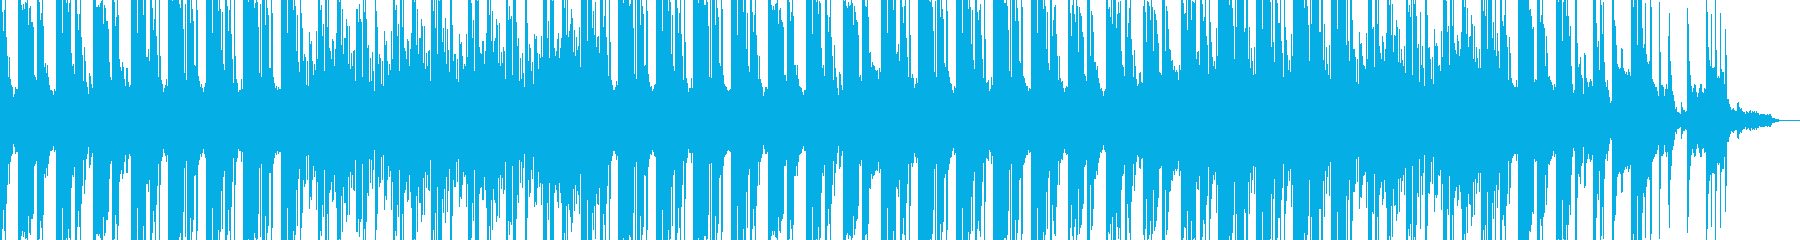 シンセリフと綺麗なピアノのEDMサウンドの再生済みの波形